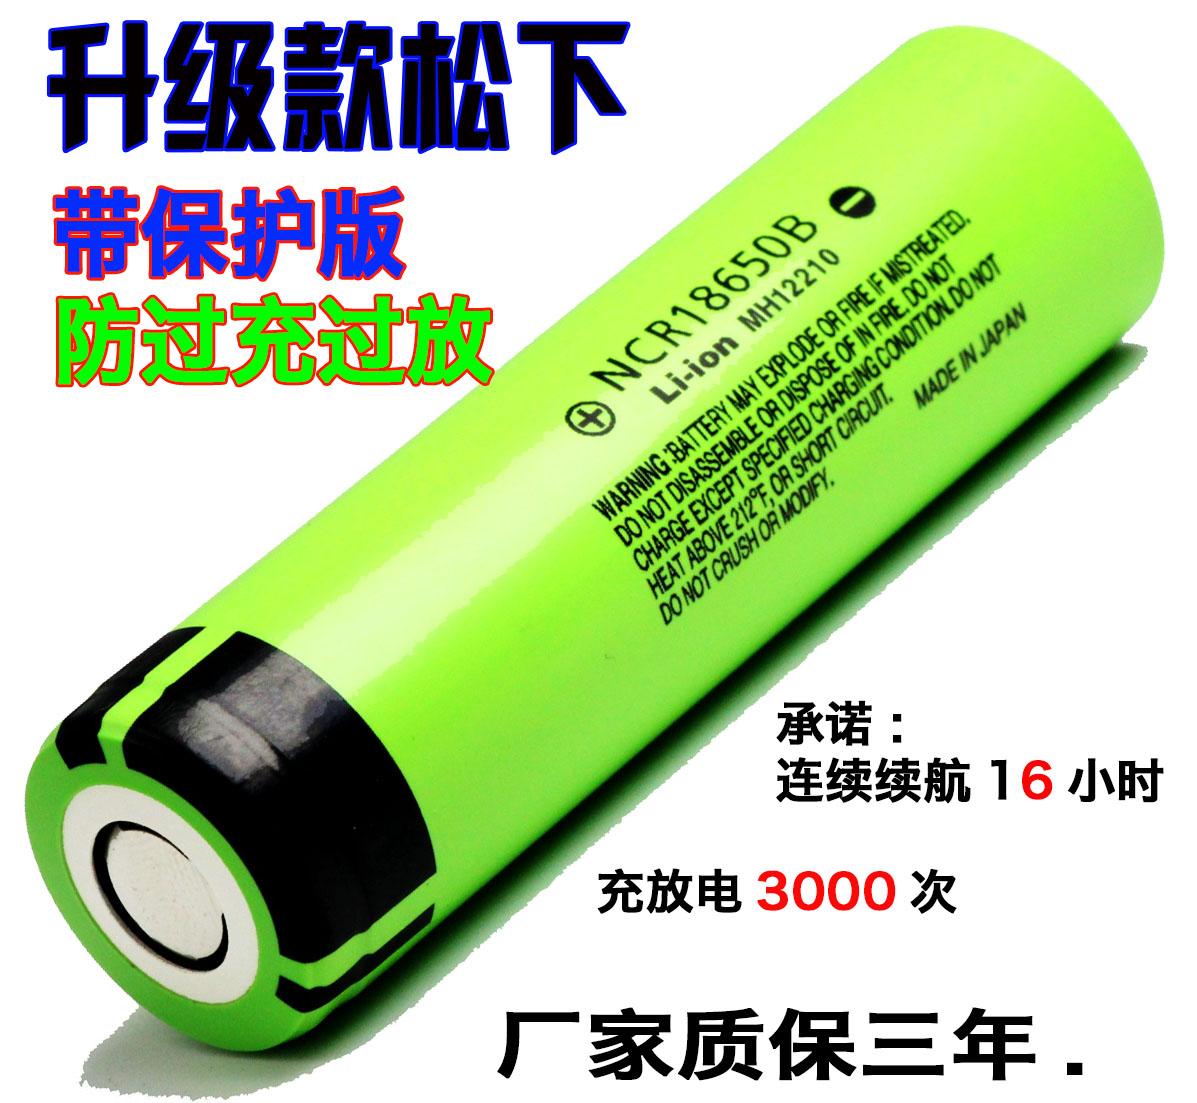 全新原装充电3.7V松下18650锂电池组大容量强光手电充电宝器电池